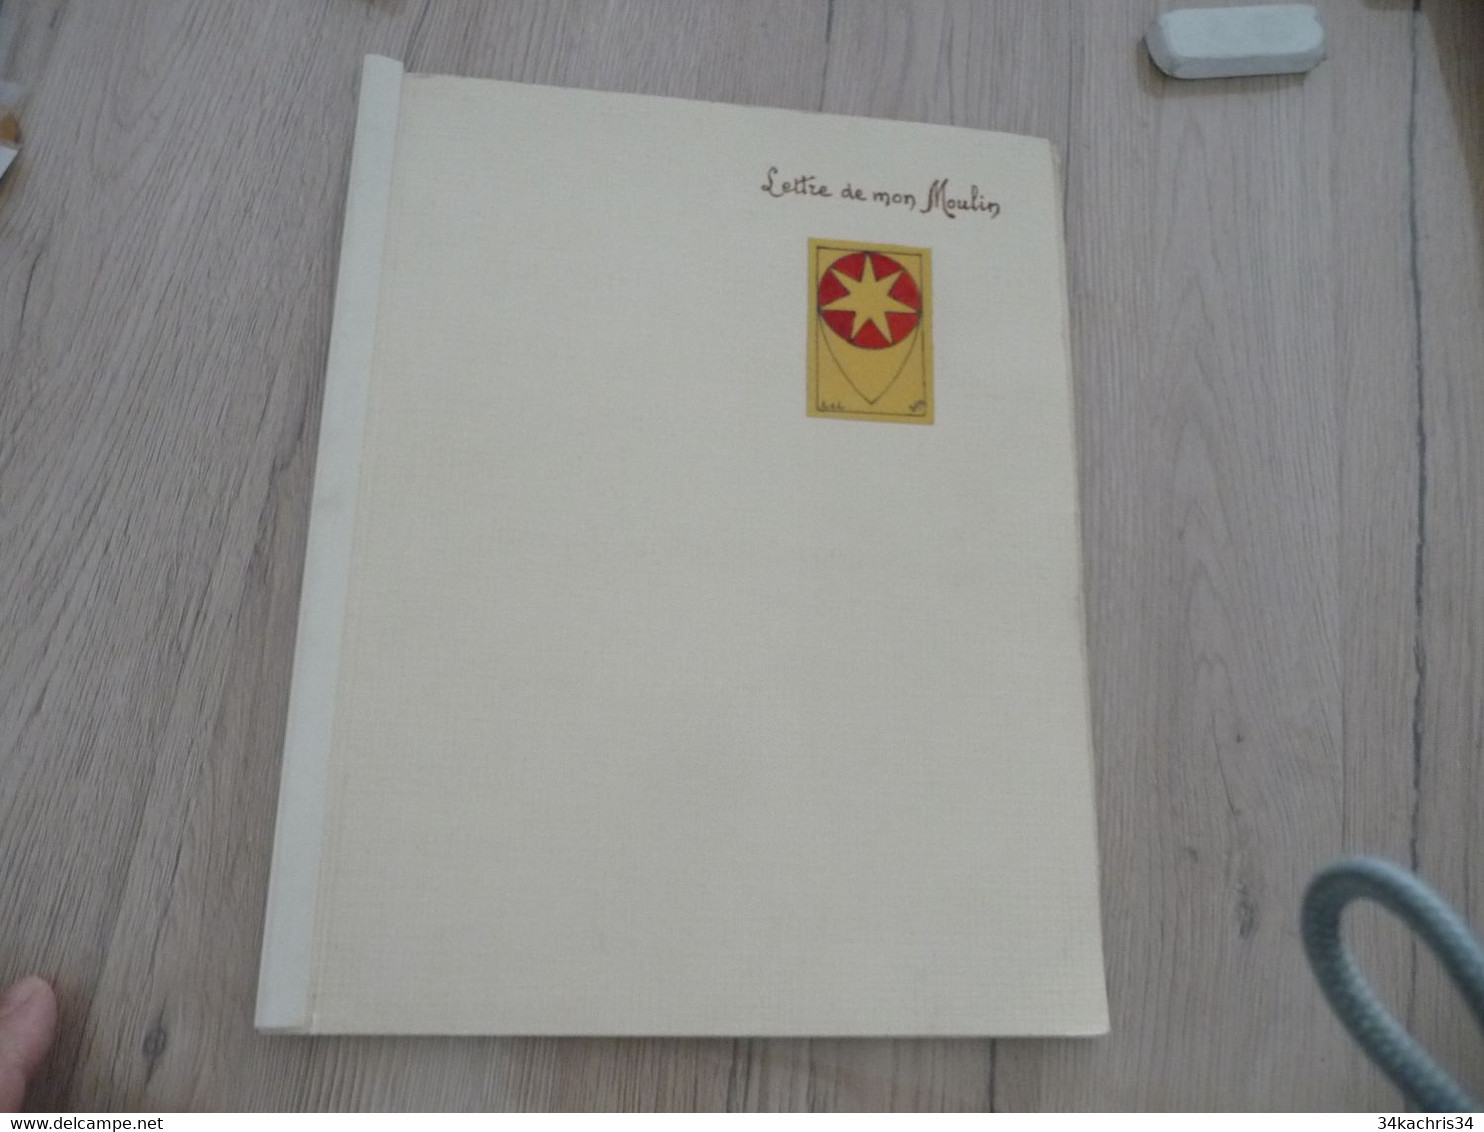 Occitan Félibre Mouvement Mistral Lettre De Mon Moulin Exemplaire Manuscrit Dédicace De L'auteur à Déchiffrer + Dessin - Poëzie